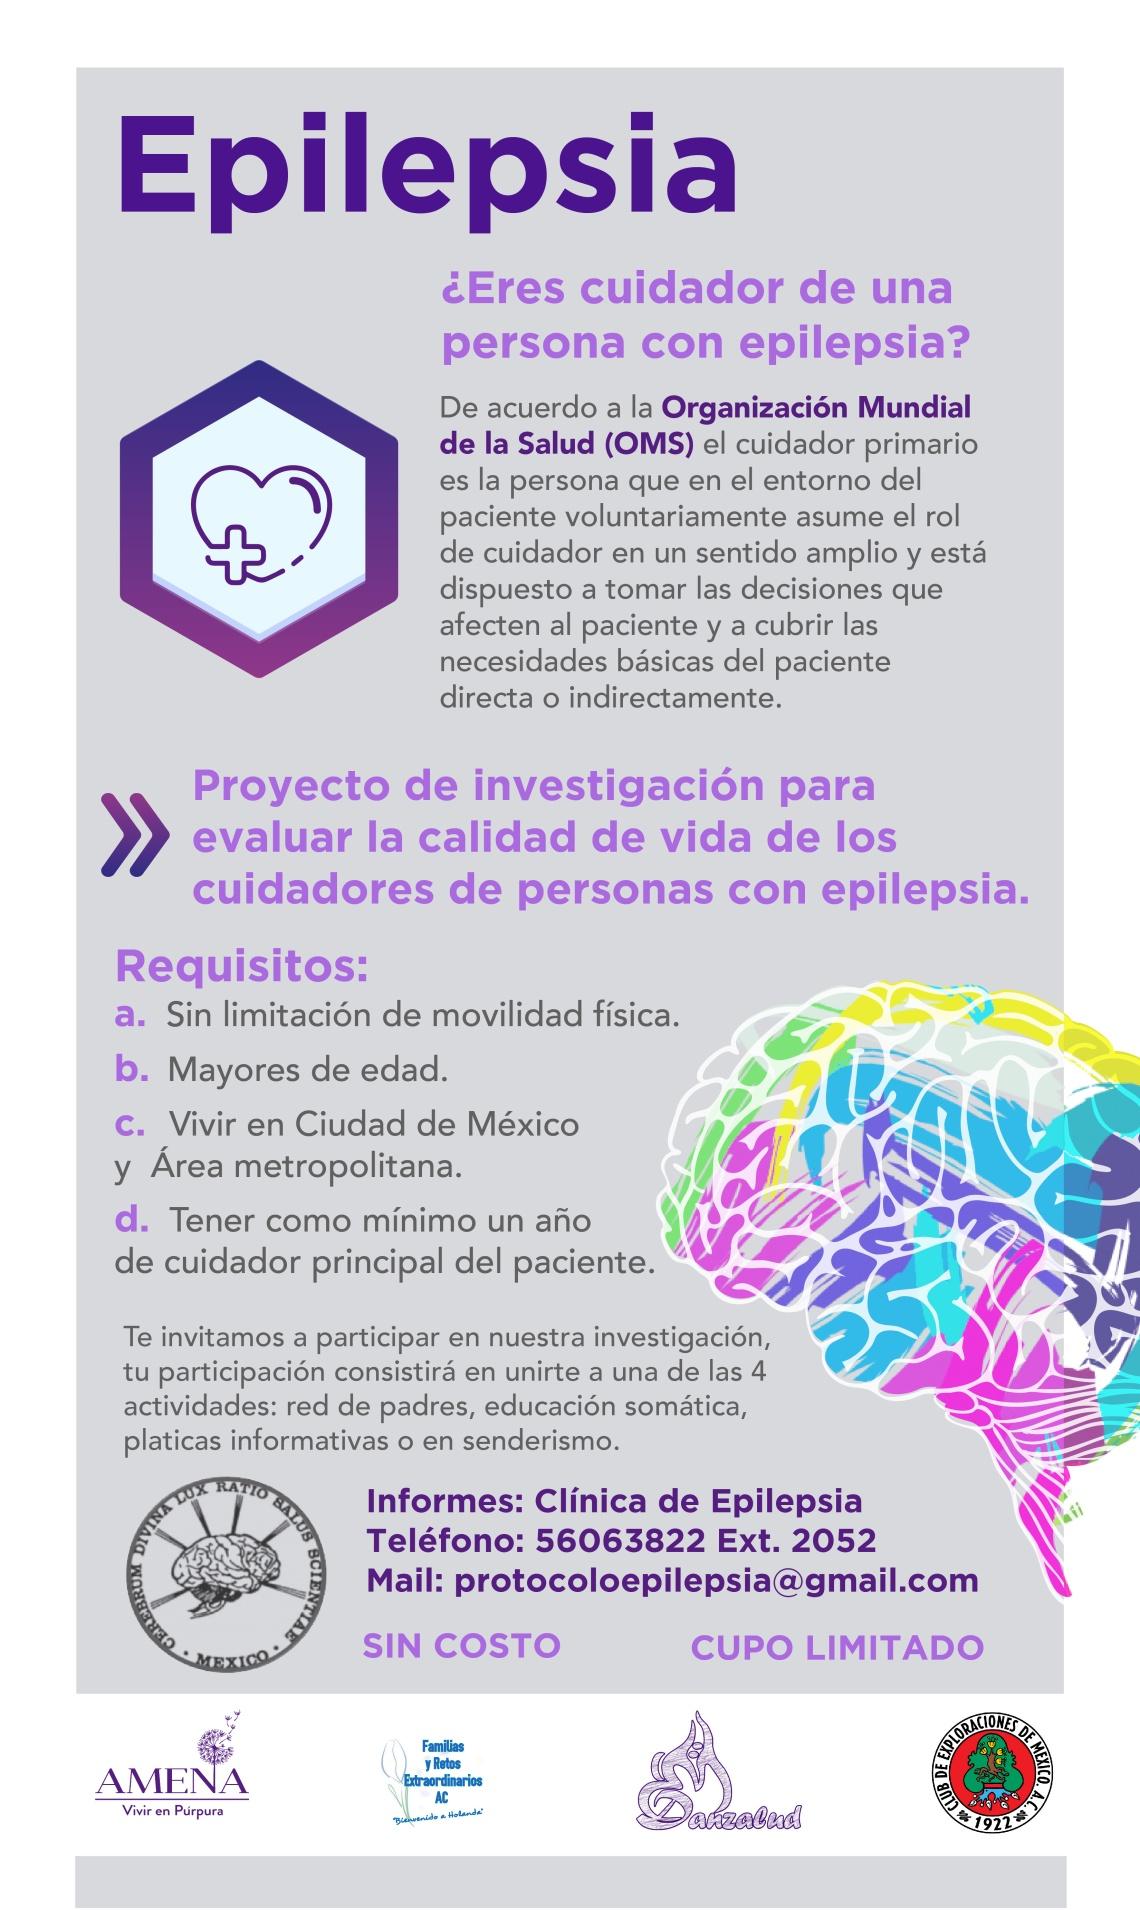 Epilepsiaposter-01